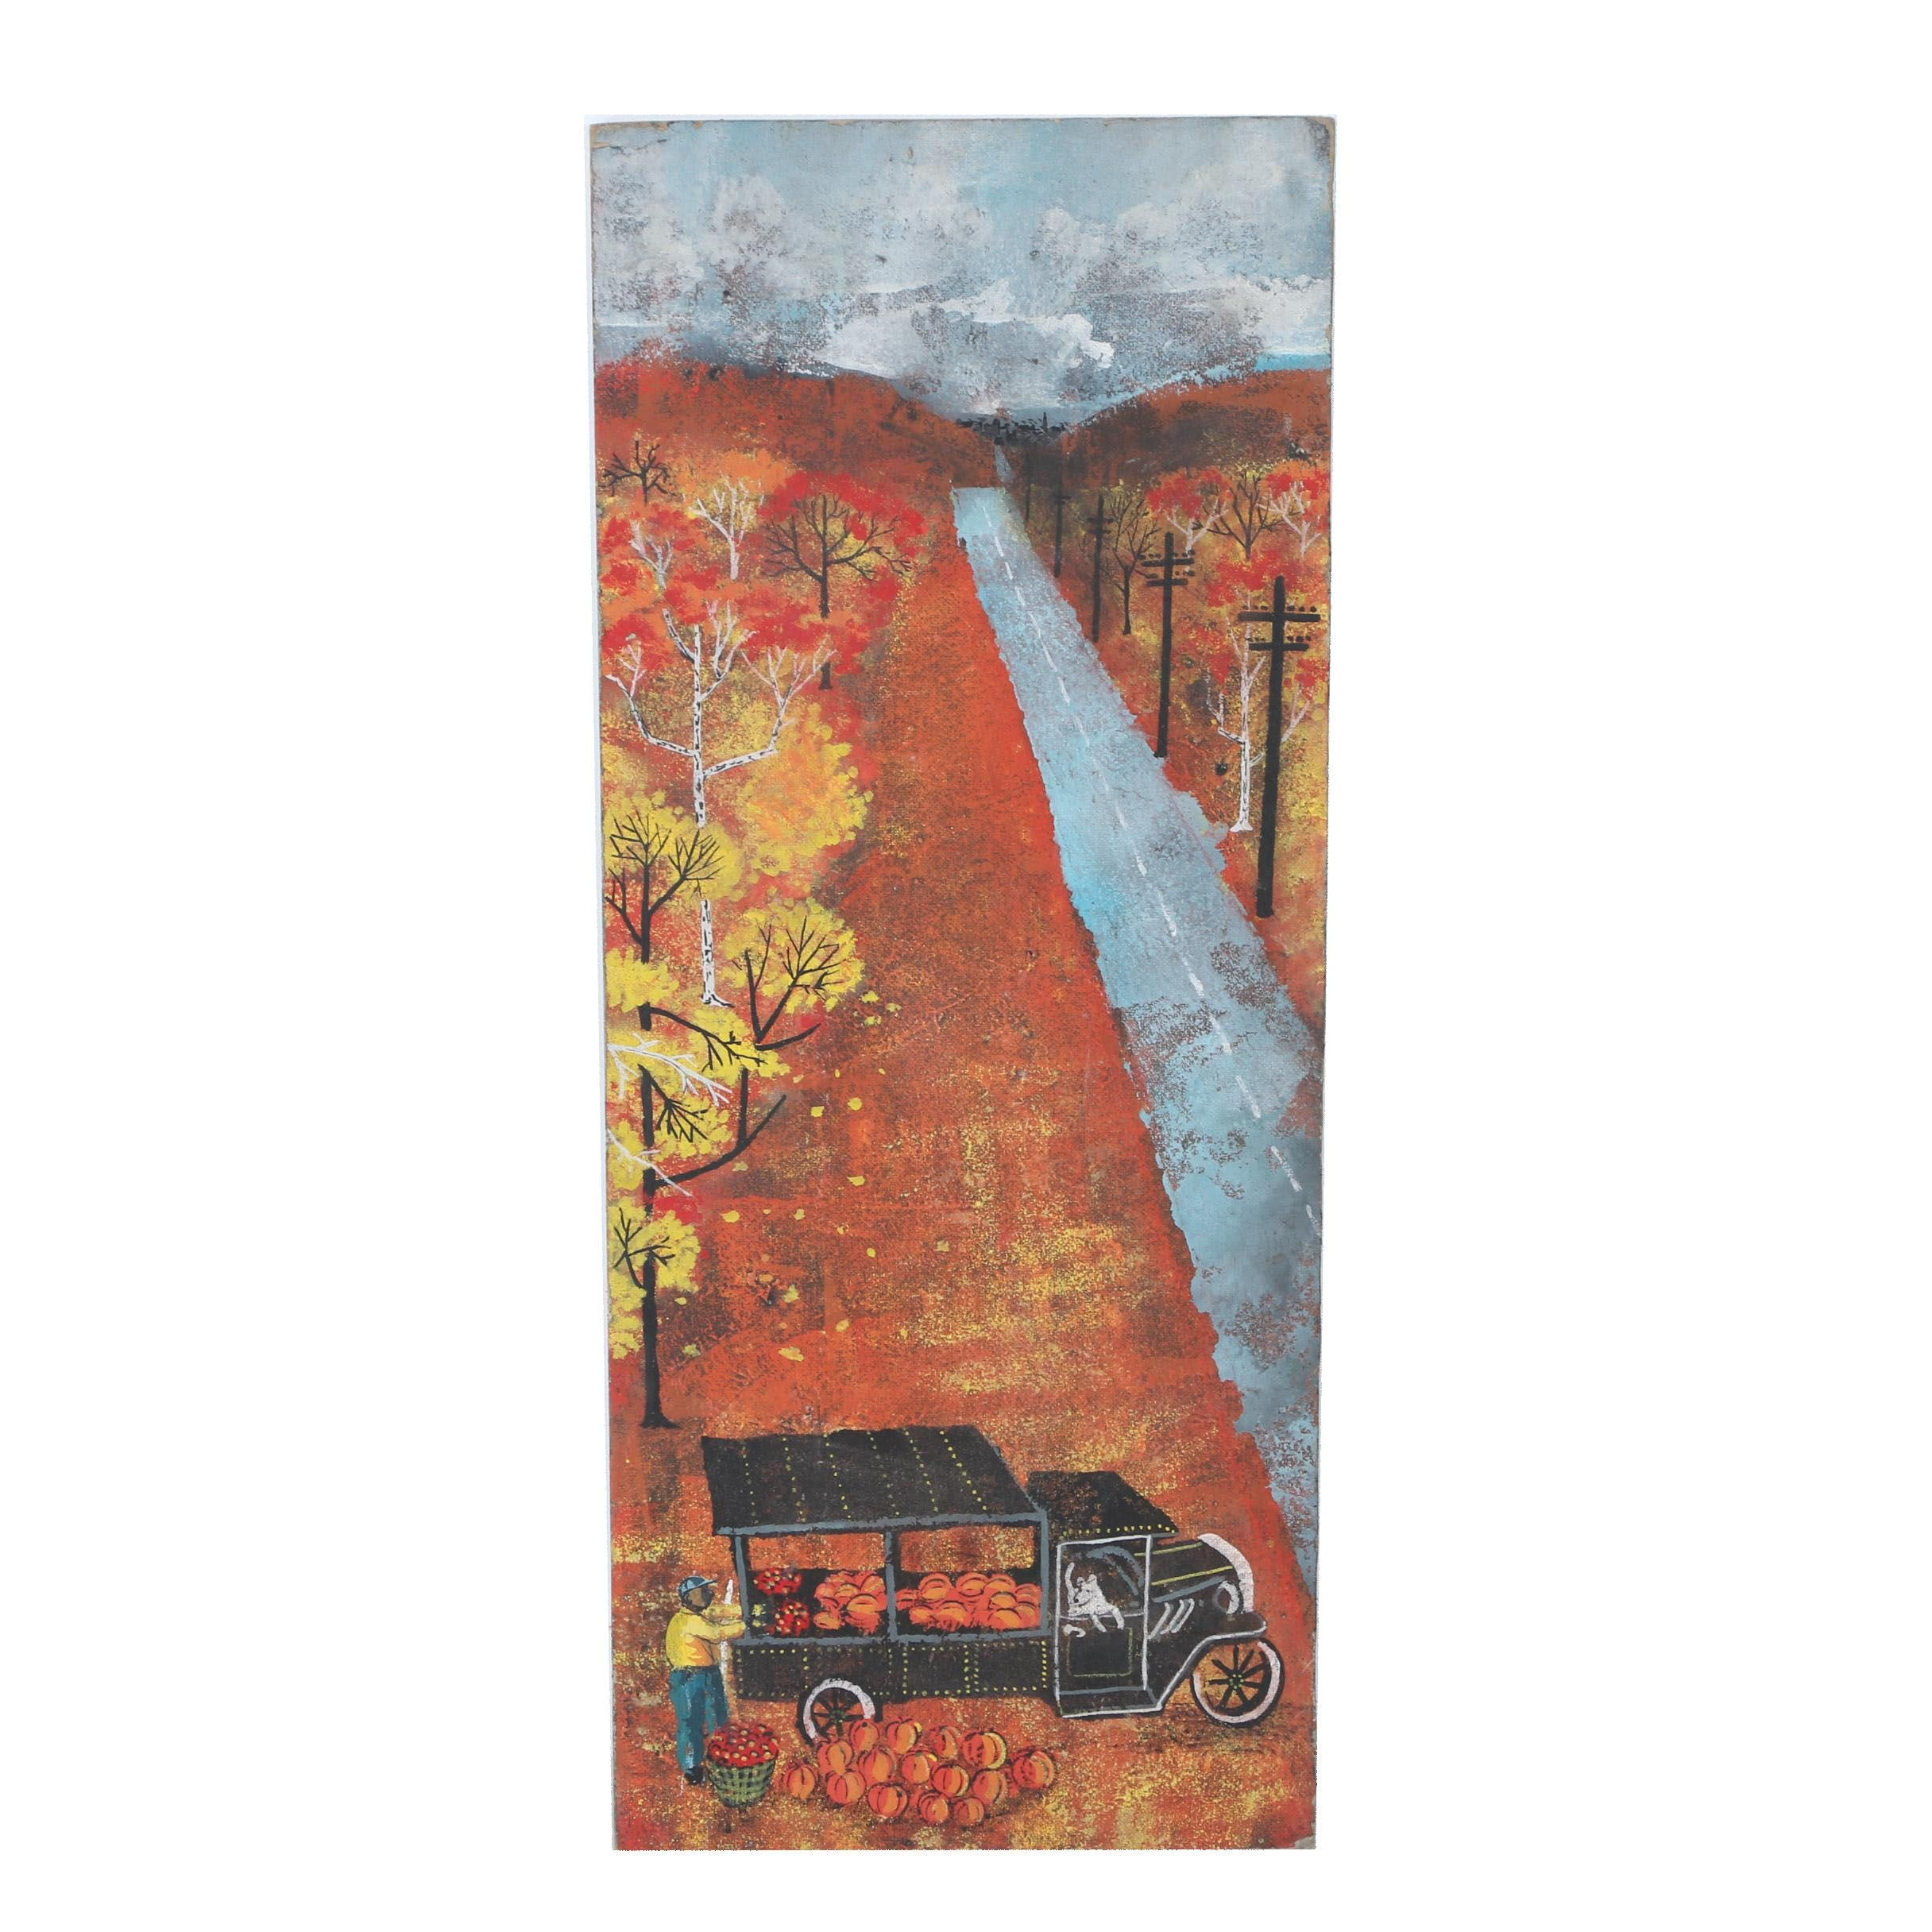 Acrylic Folk Style Painting of Autumnal Landscape